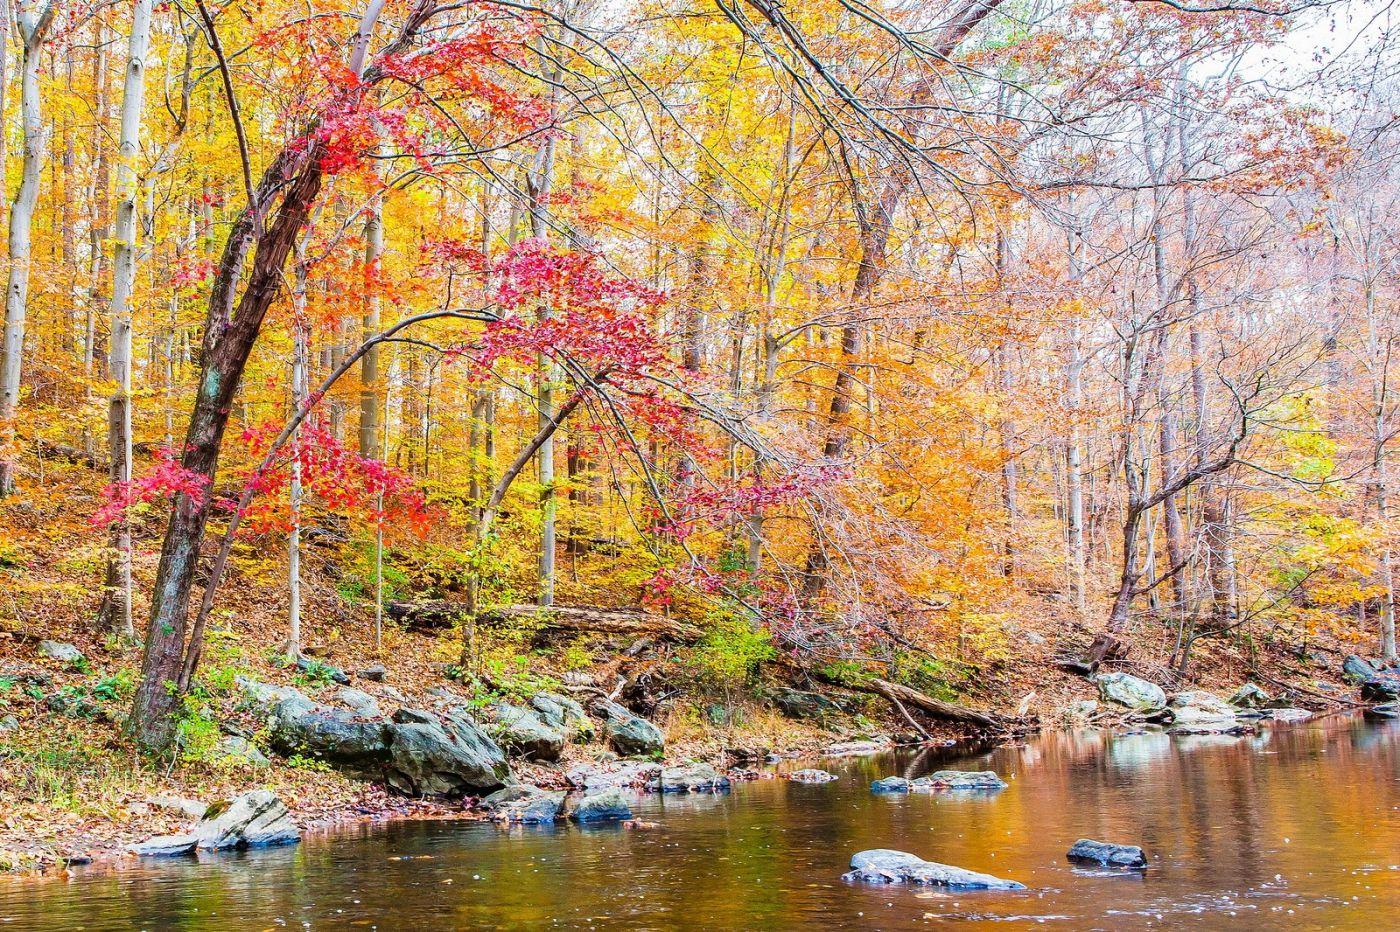 宾州雷德利克里克公园(Ridley creek park),迷人的秋色_图1-17